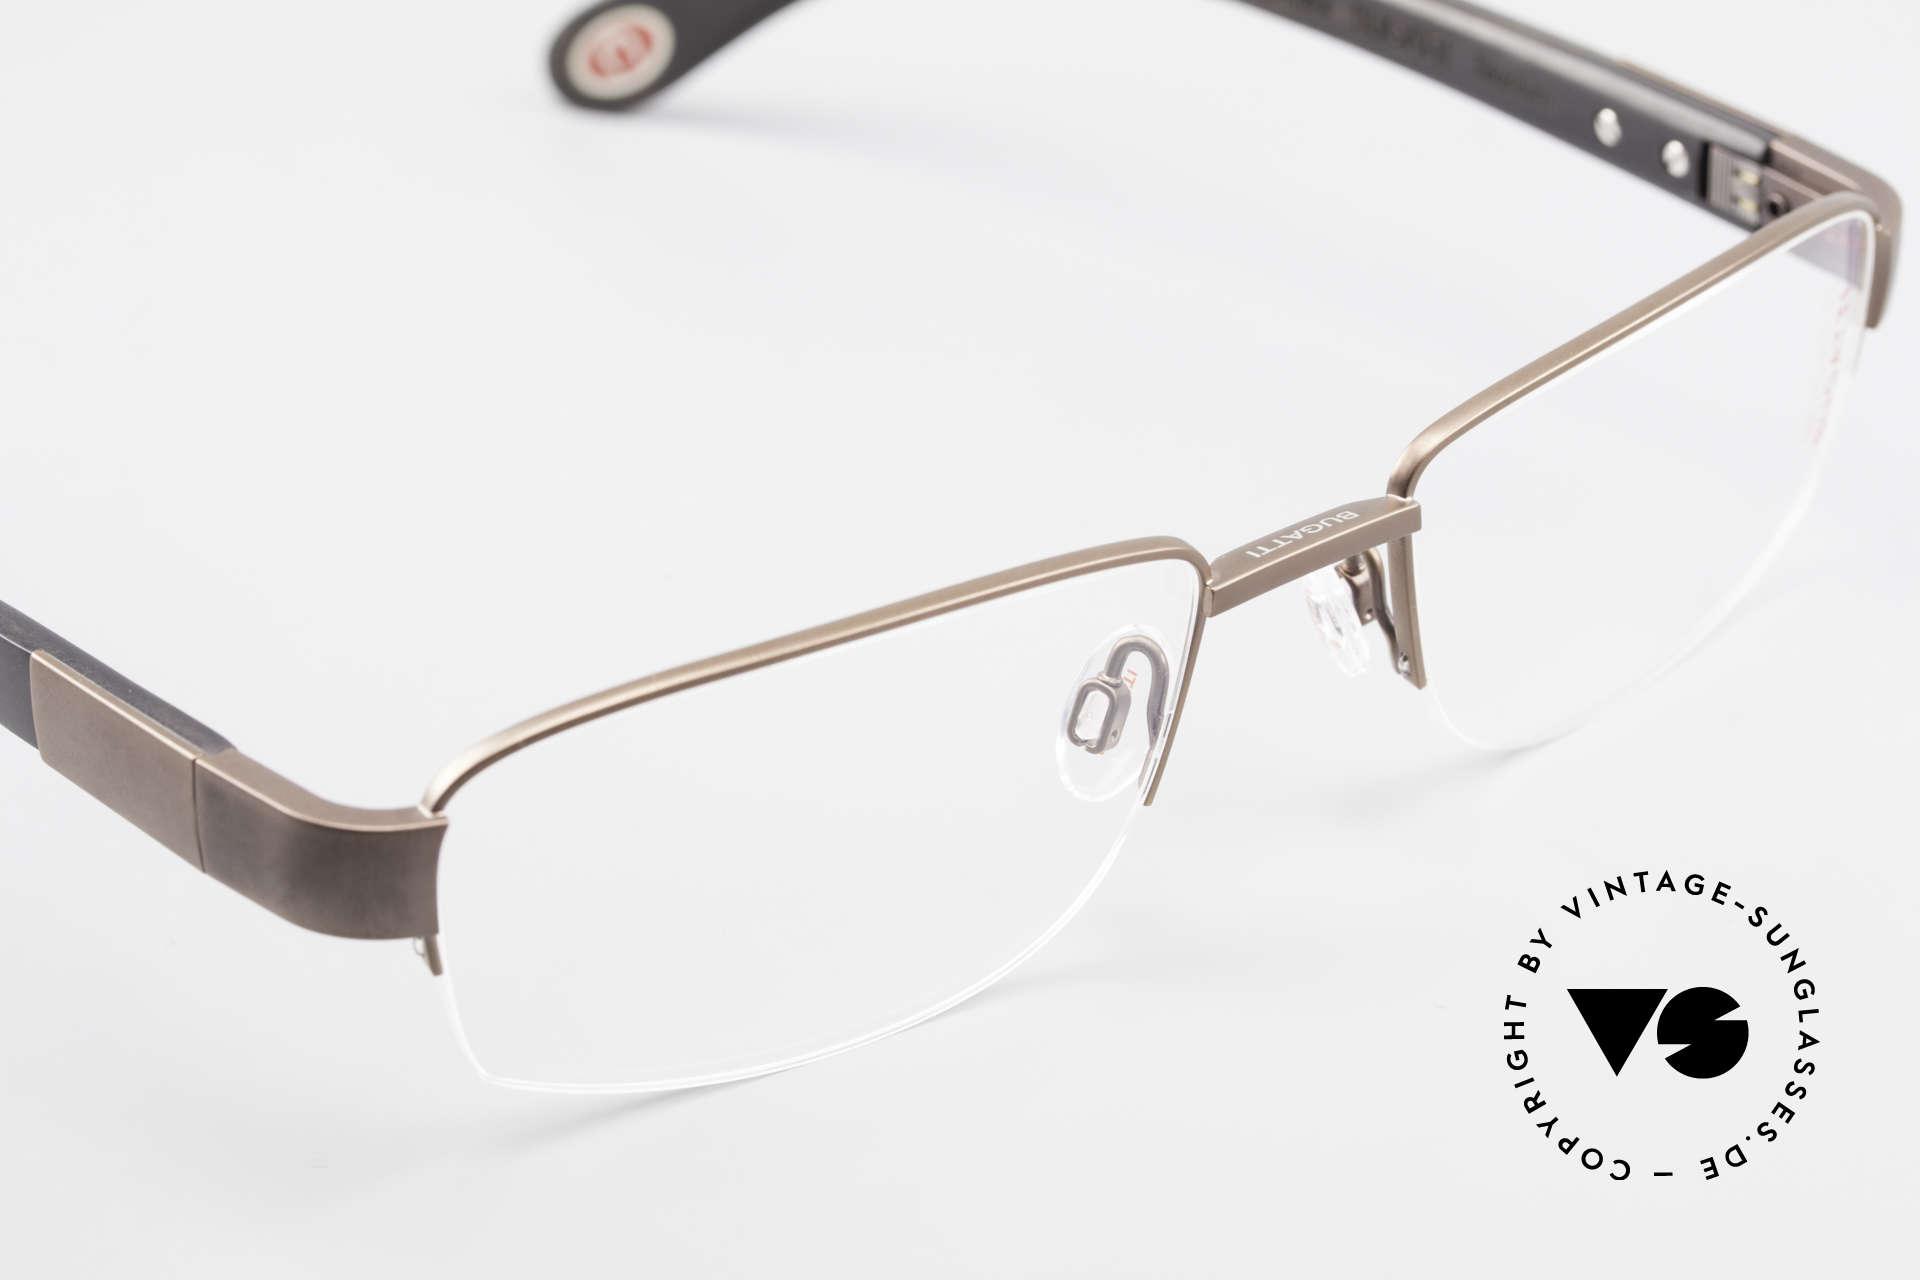 Bugatti 529 XL Ebony Titanium Eyeglasses, Size: large, Made for Men